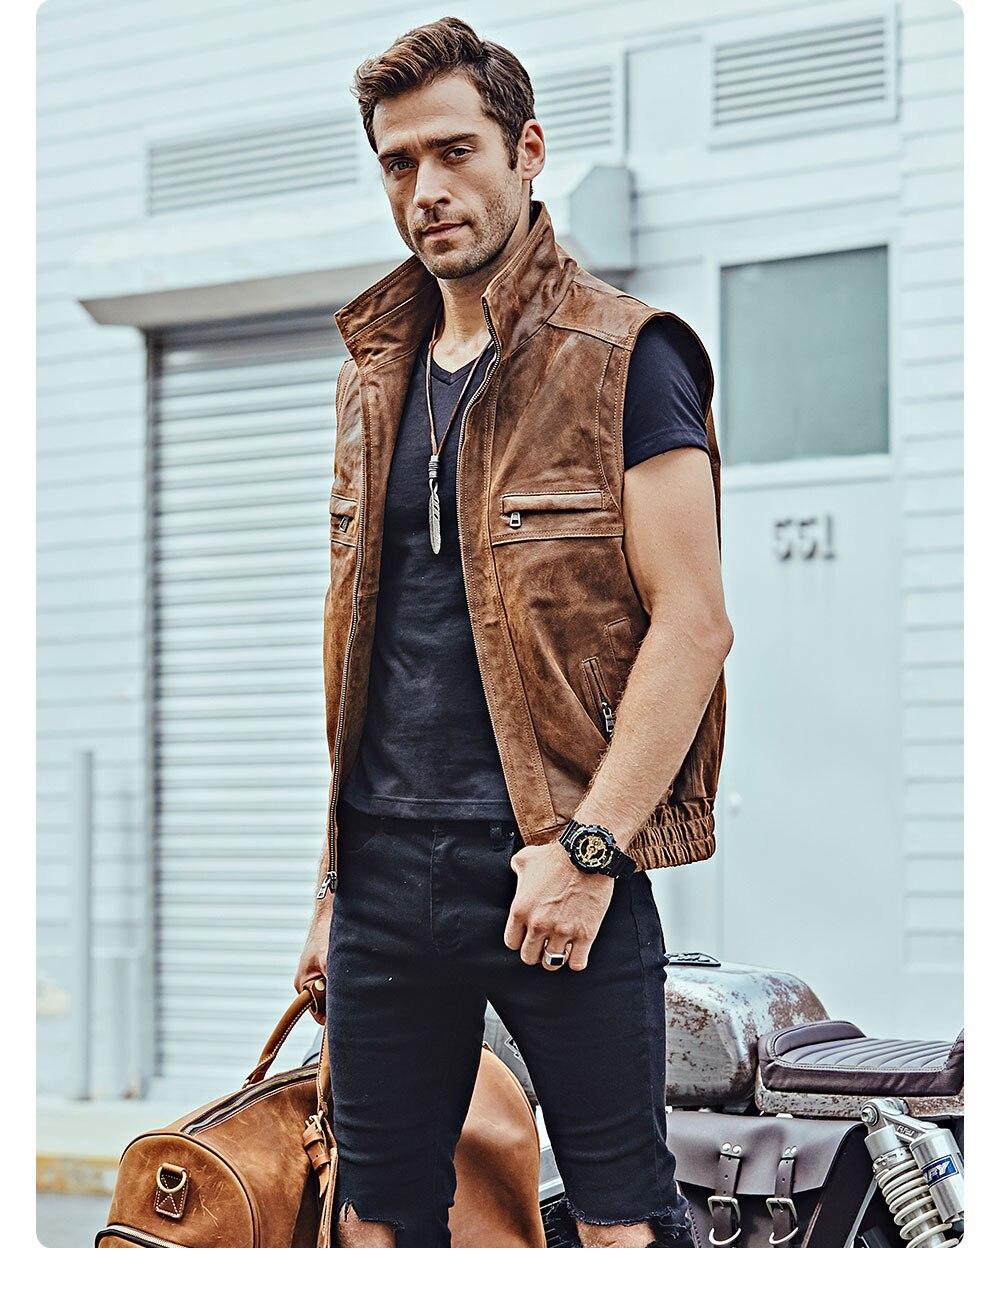 Hbe9ebfa6408f45b1be2d6d805235c9d1t Mew Men's Leather Retro Vest Stand Collar Men's Motorcycle Casual Vest